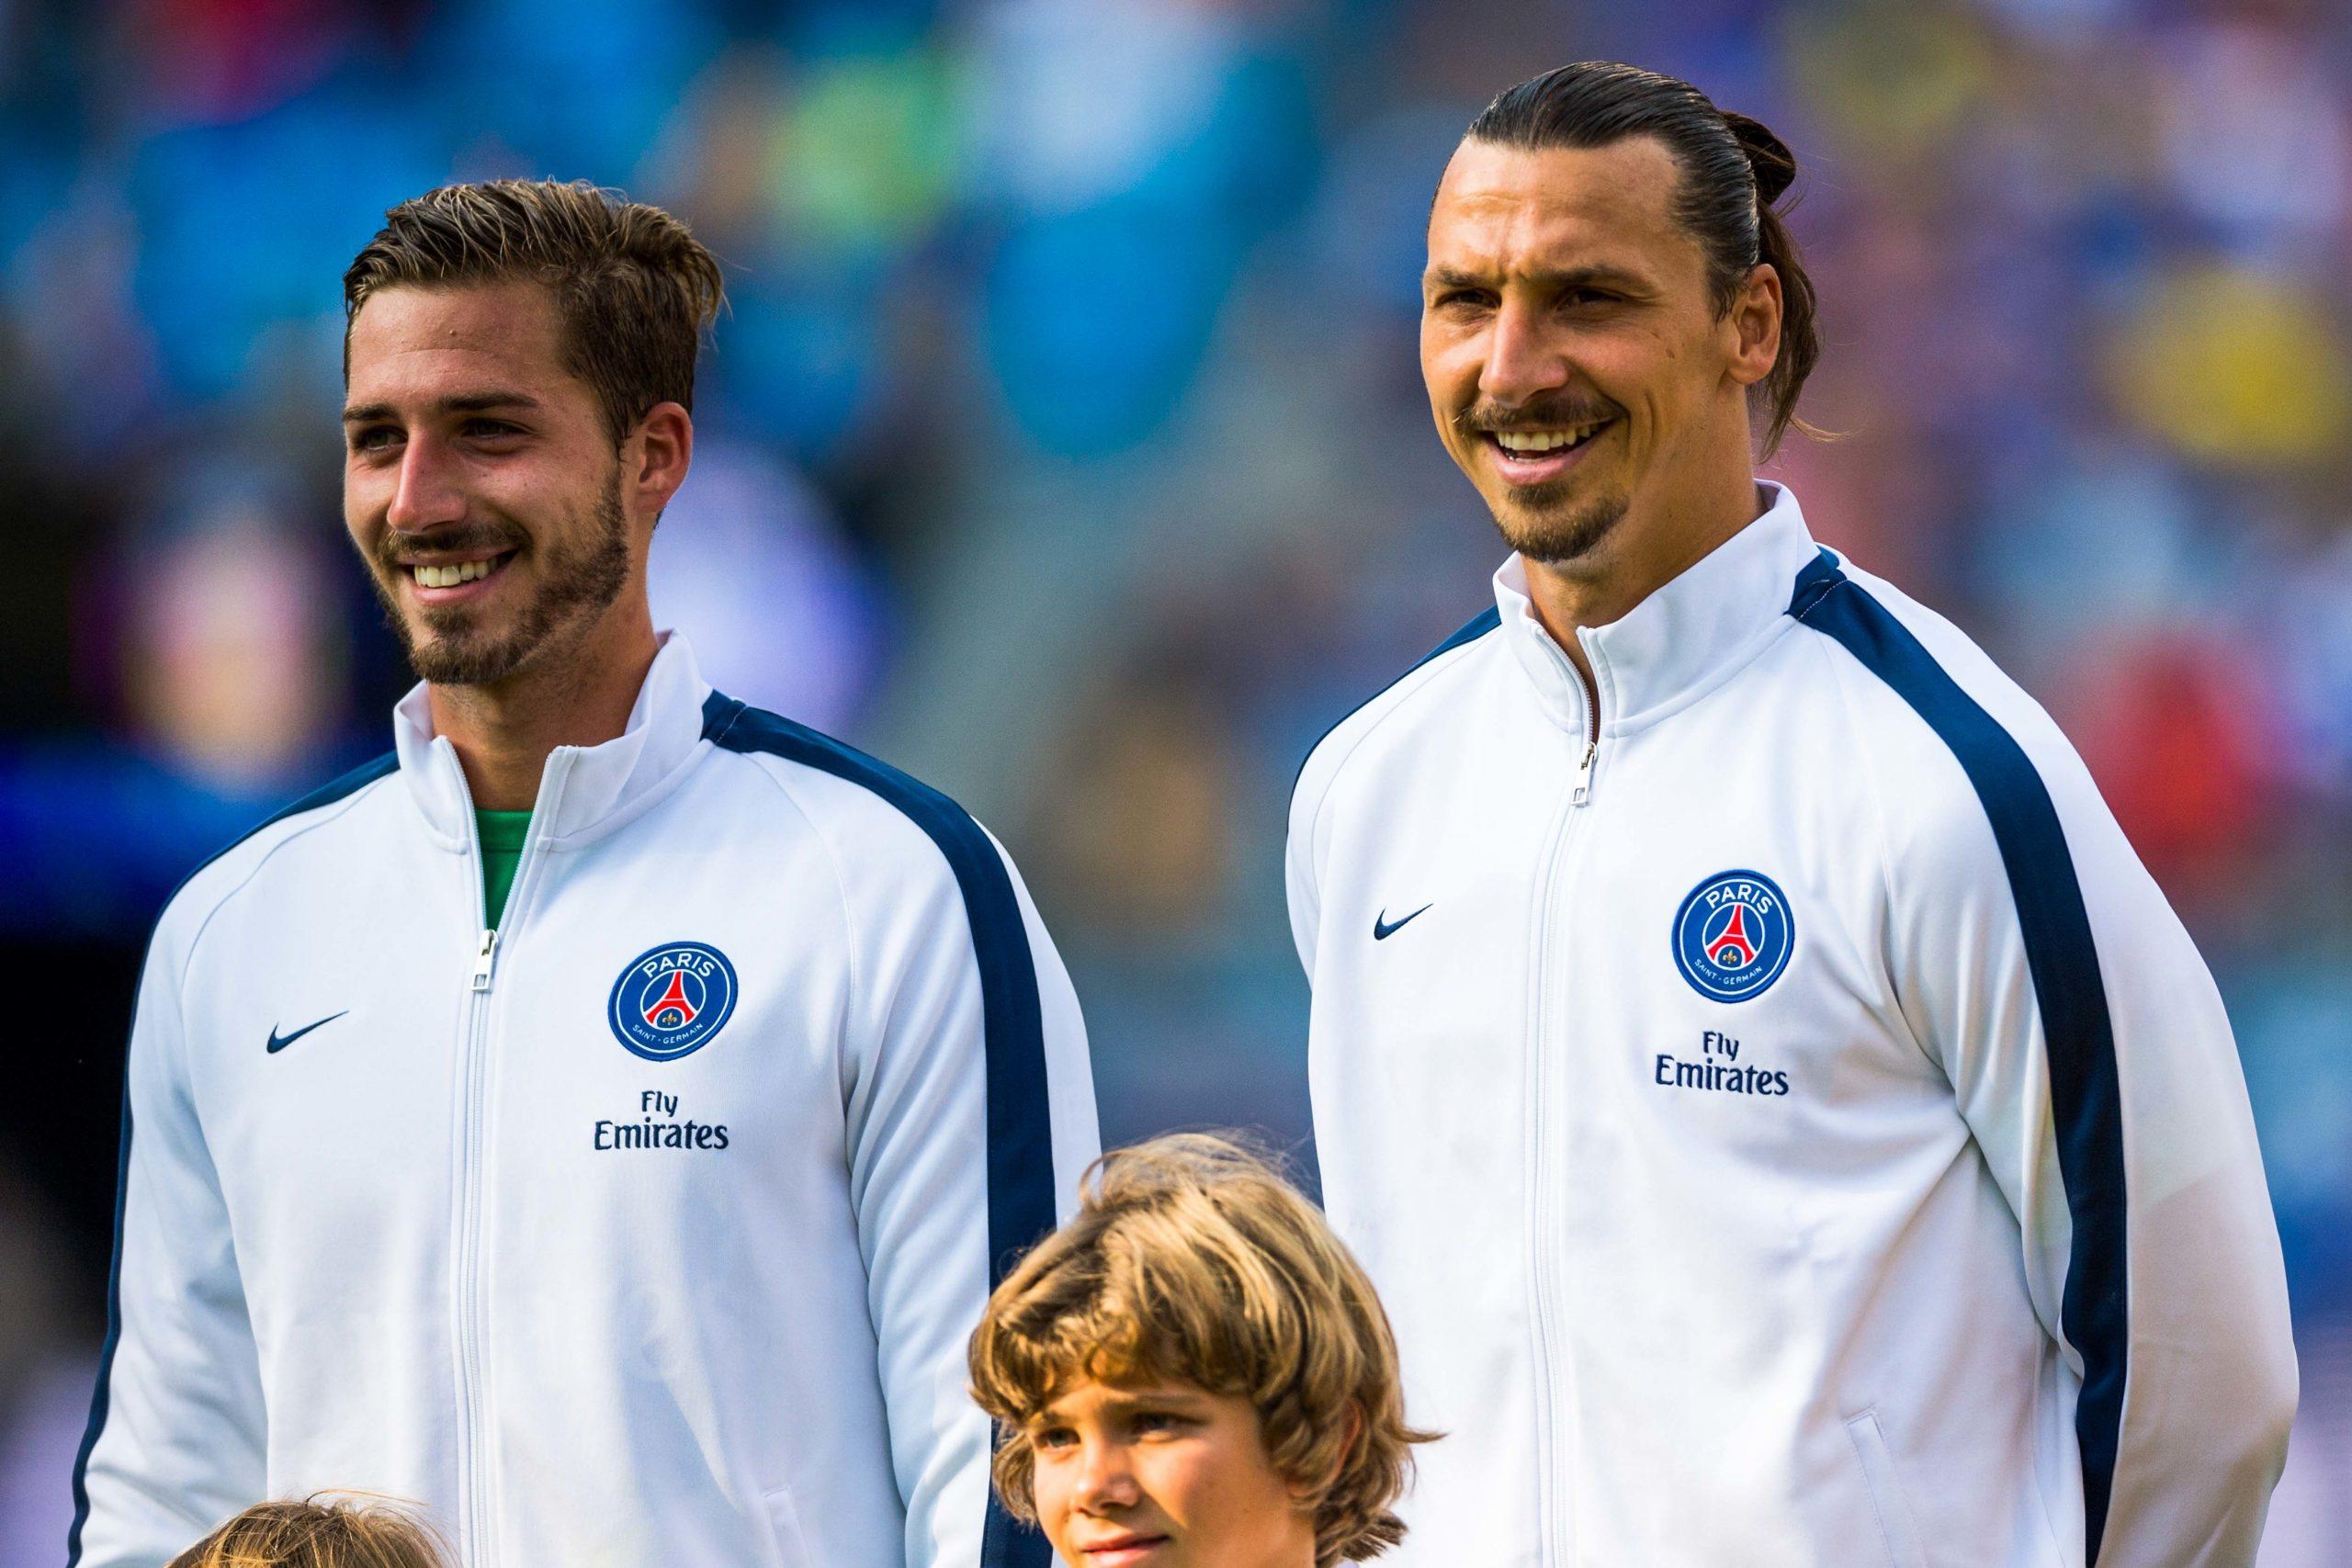 Trapp se confie à propos de l'ambiance au PSG et évoque l'impressionnant Zlatan Ibrahimovic